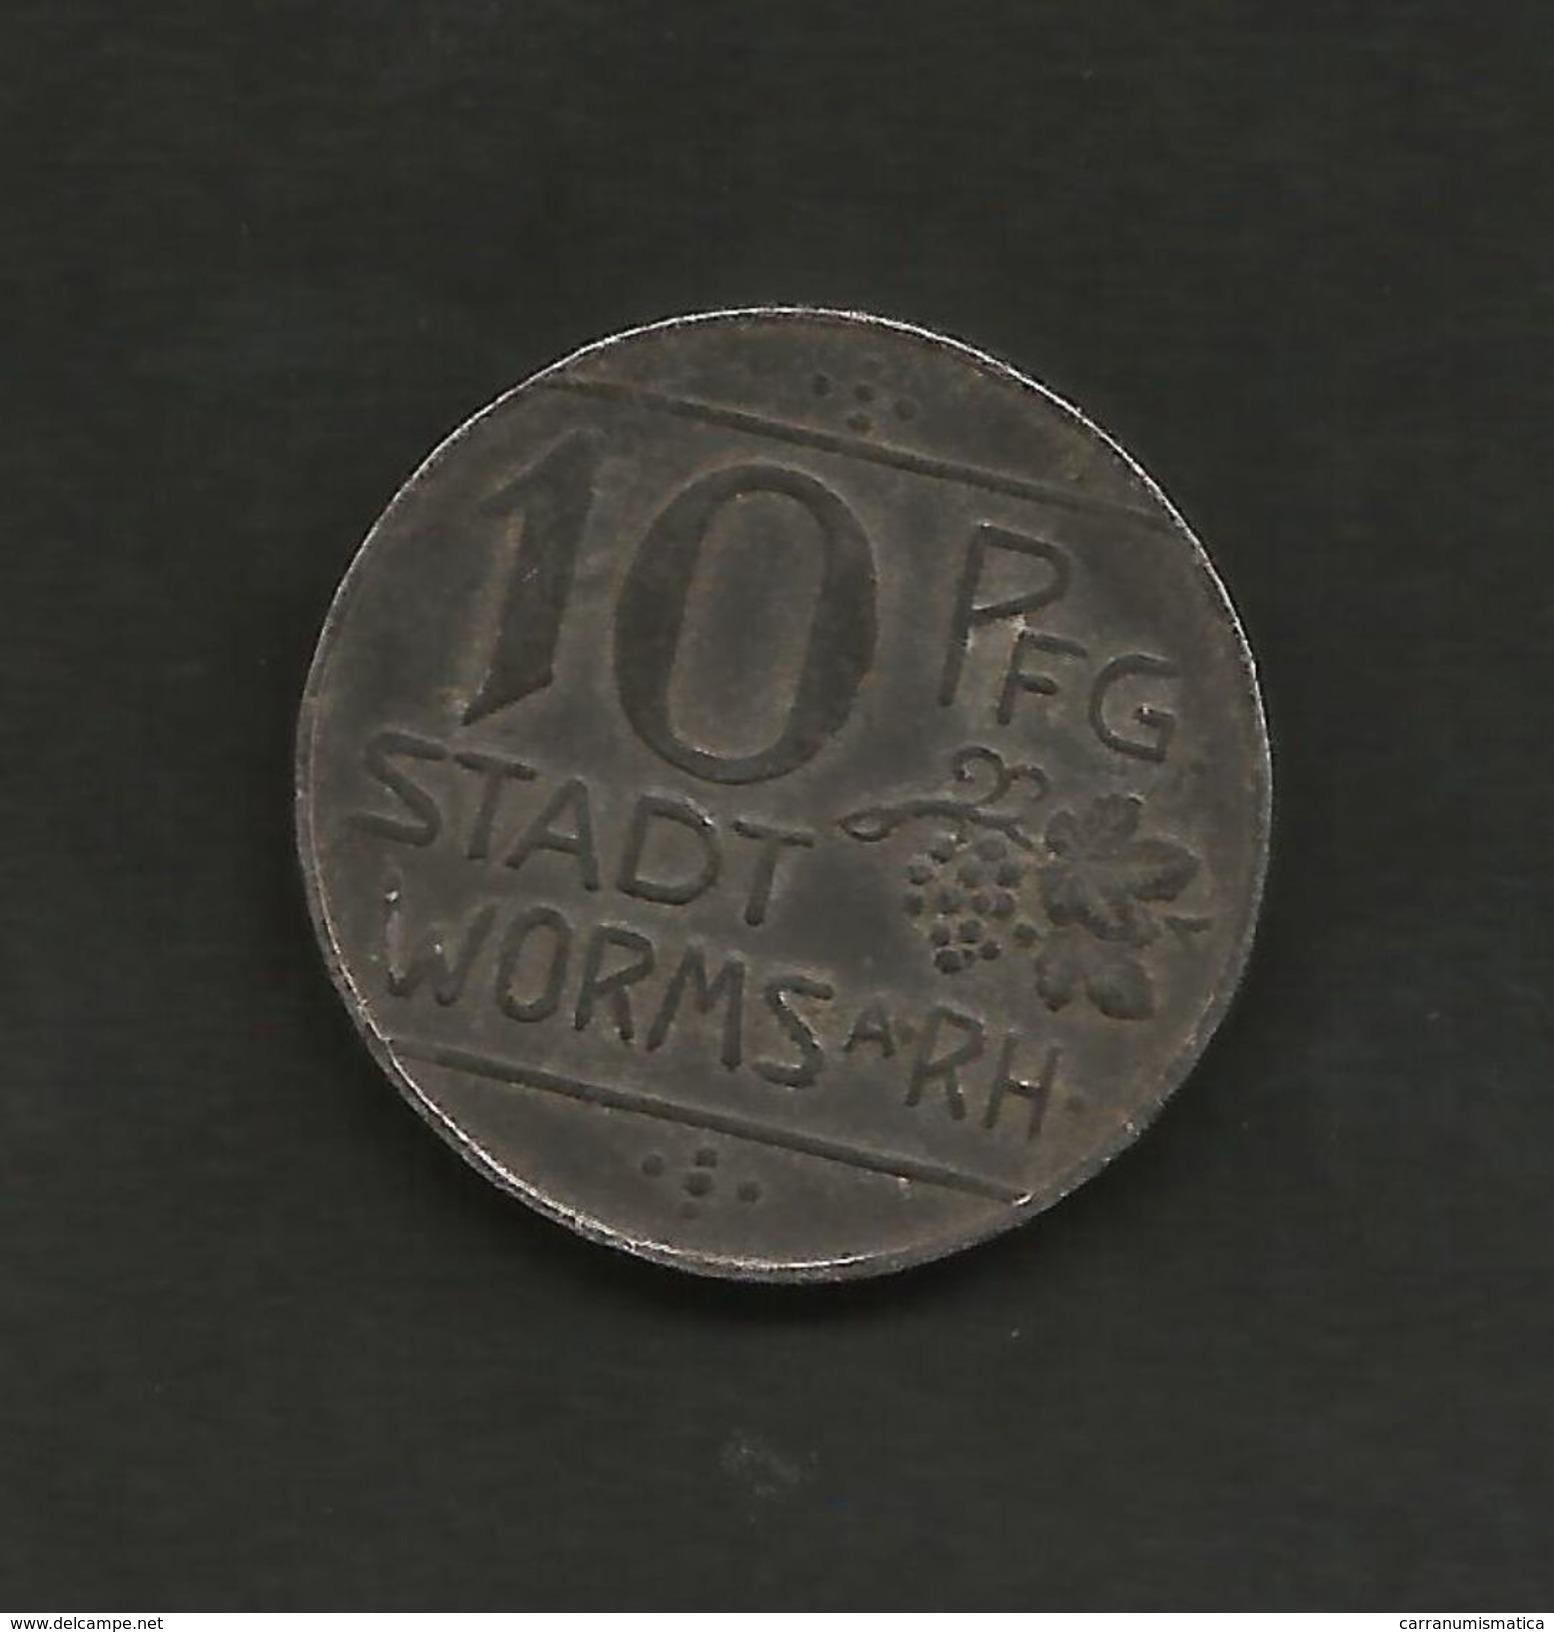 DEUTSCHLAND / GERMANY - NOTGELD - Stadt WORMS - 10 Pfennig (1918) Zink / Zinc / Zinco - Monetari/ Di Necessità